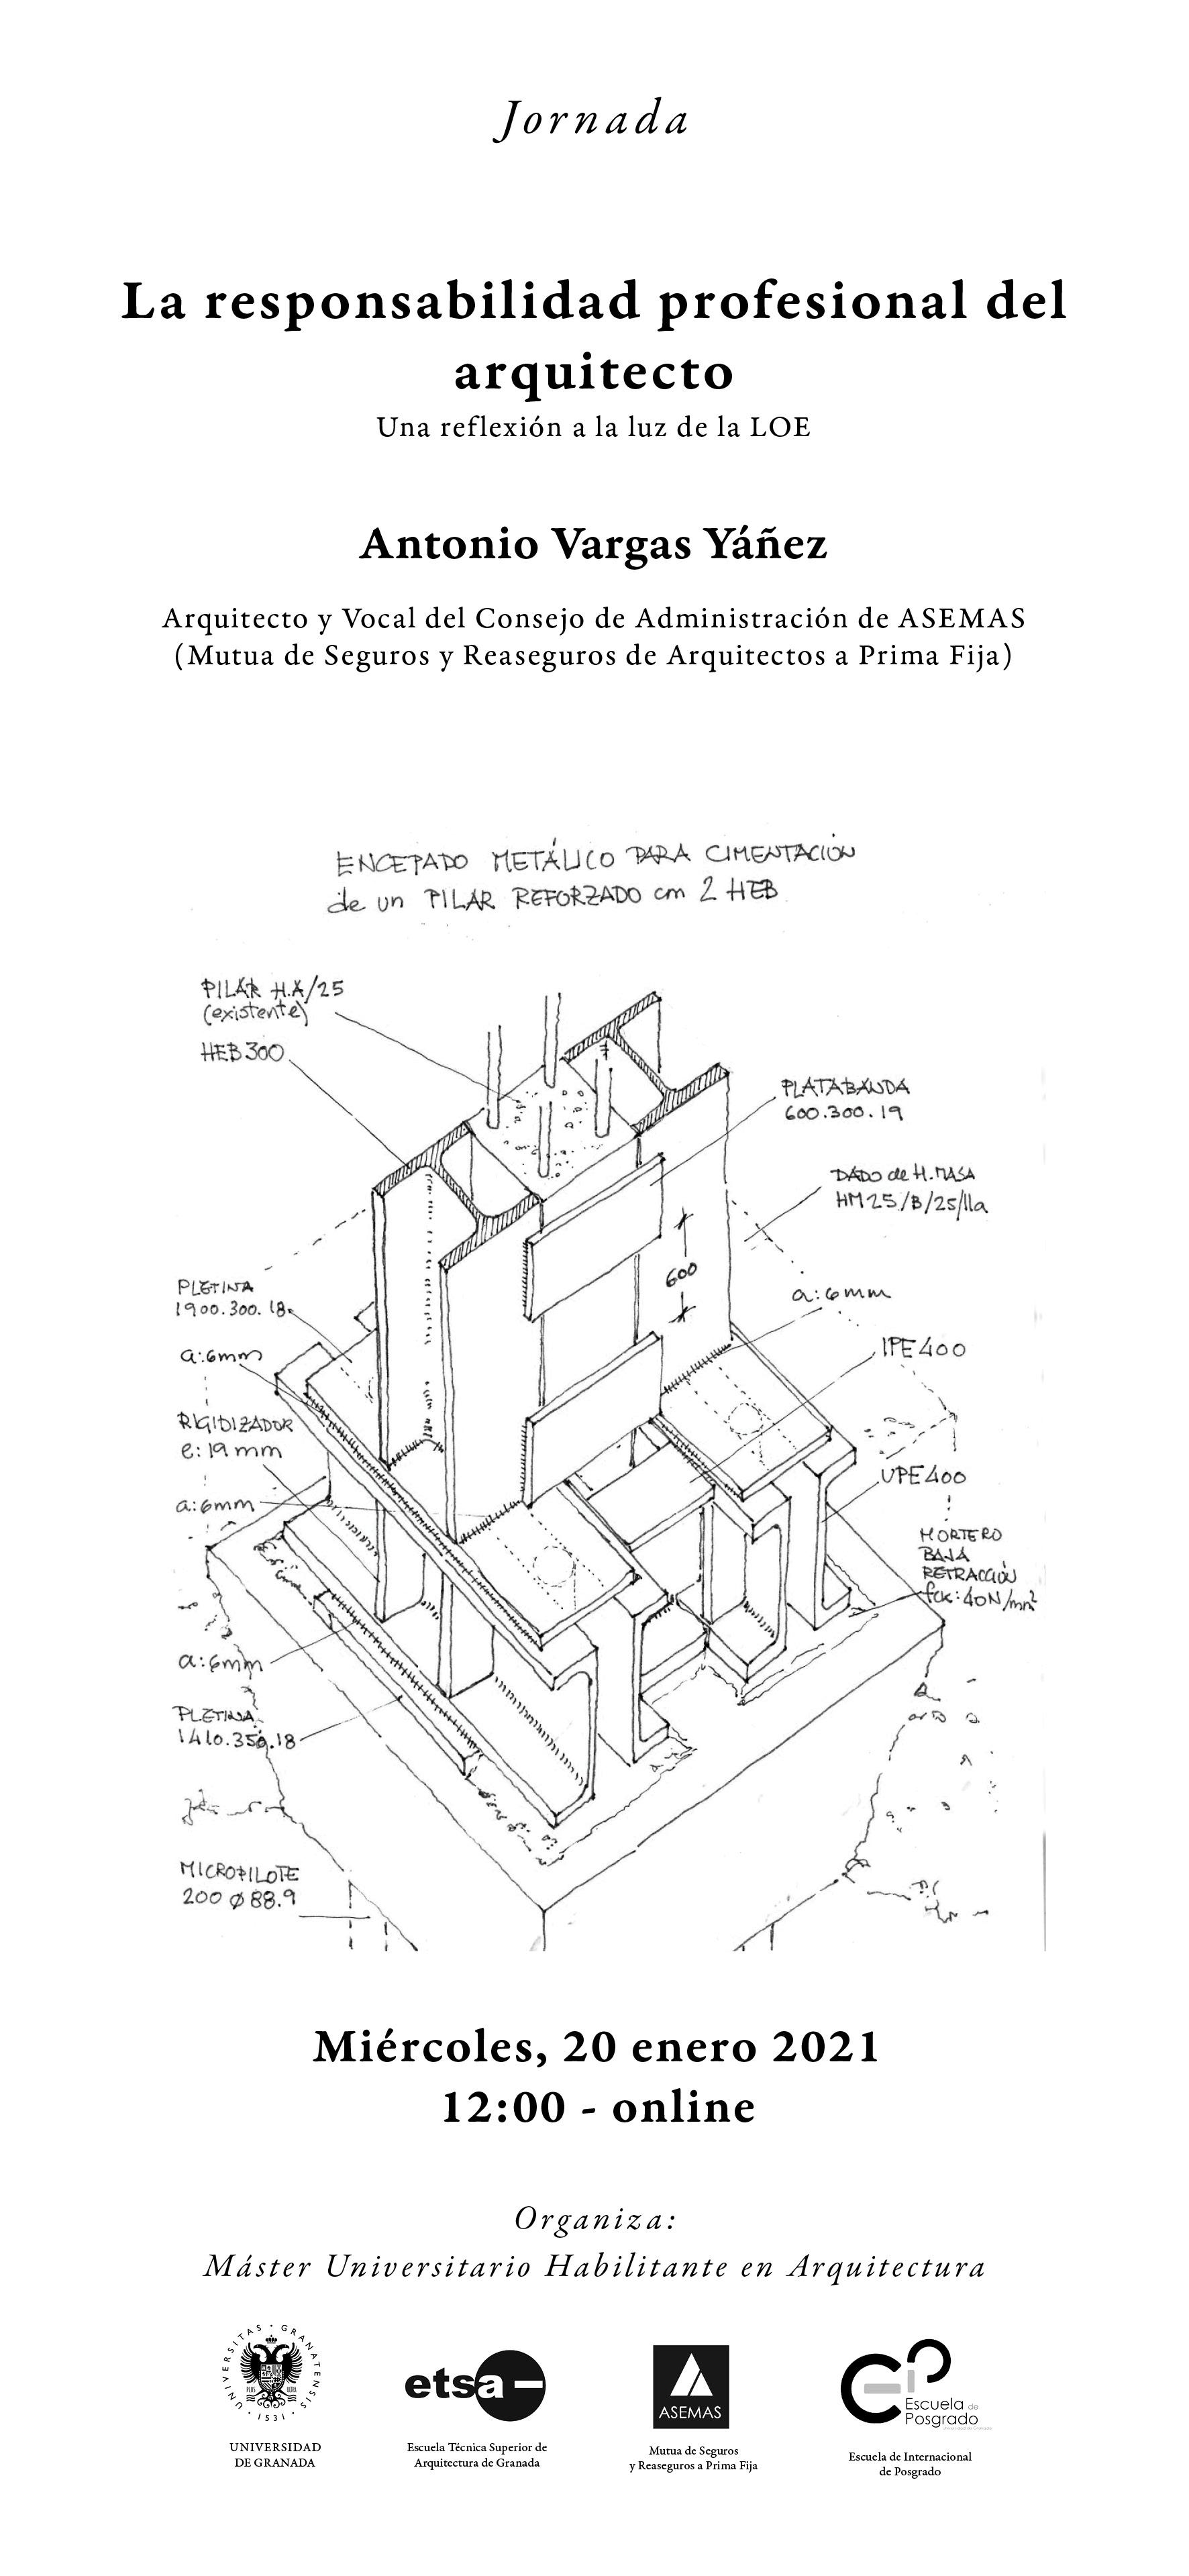 La responsabilidad profesional del arquitecto